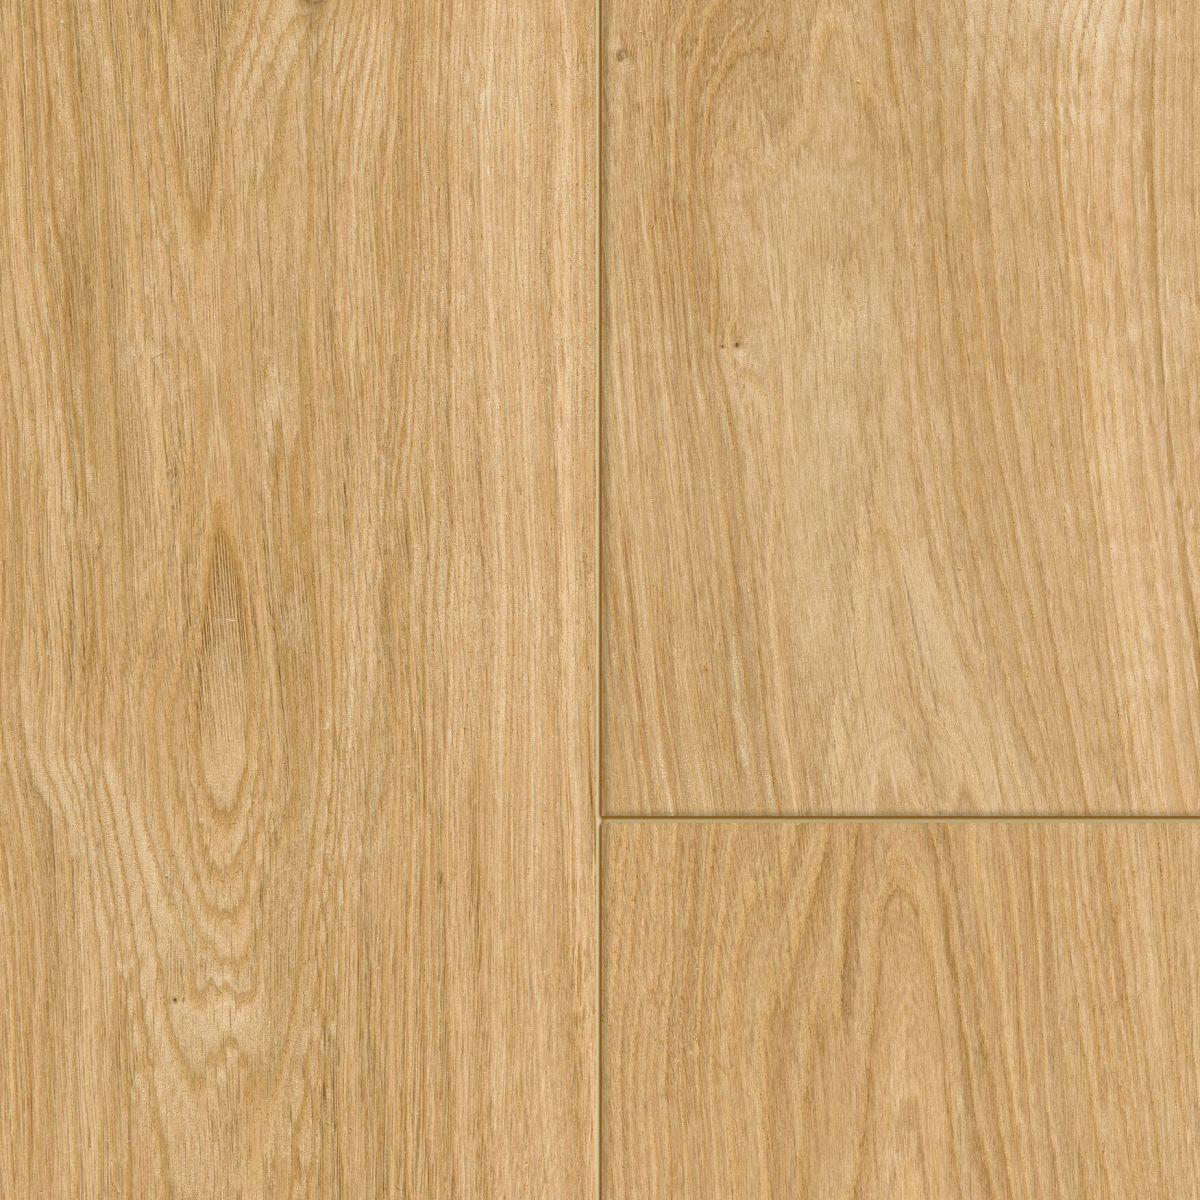 Avatara vloerendelen hout K10